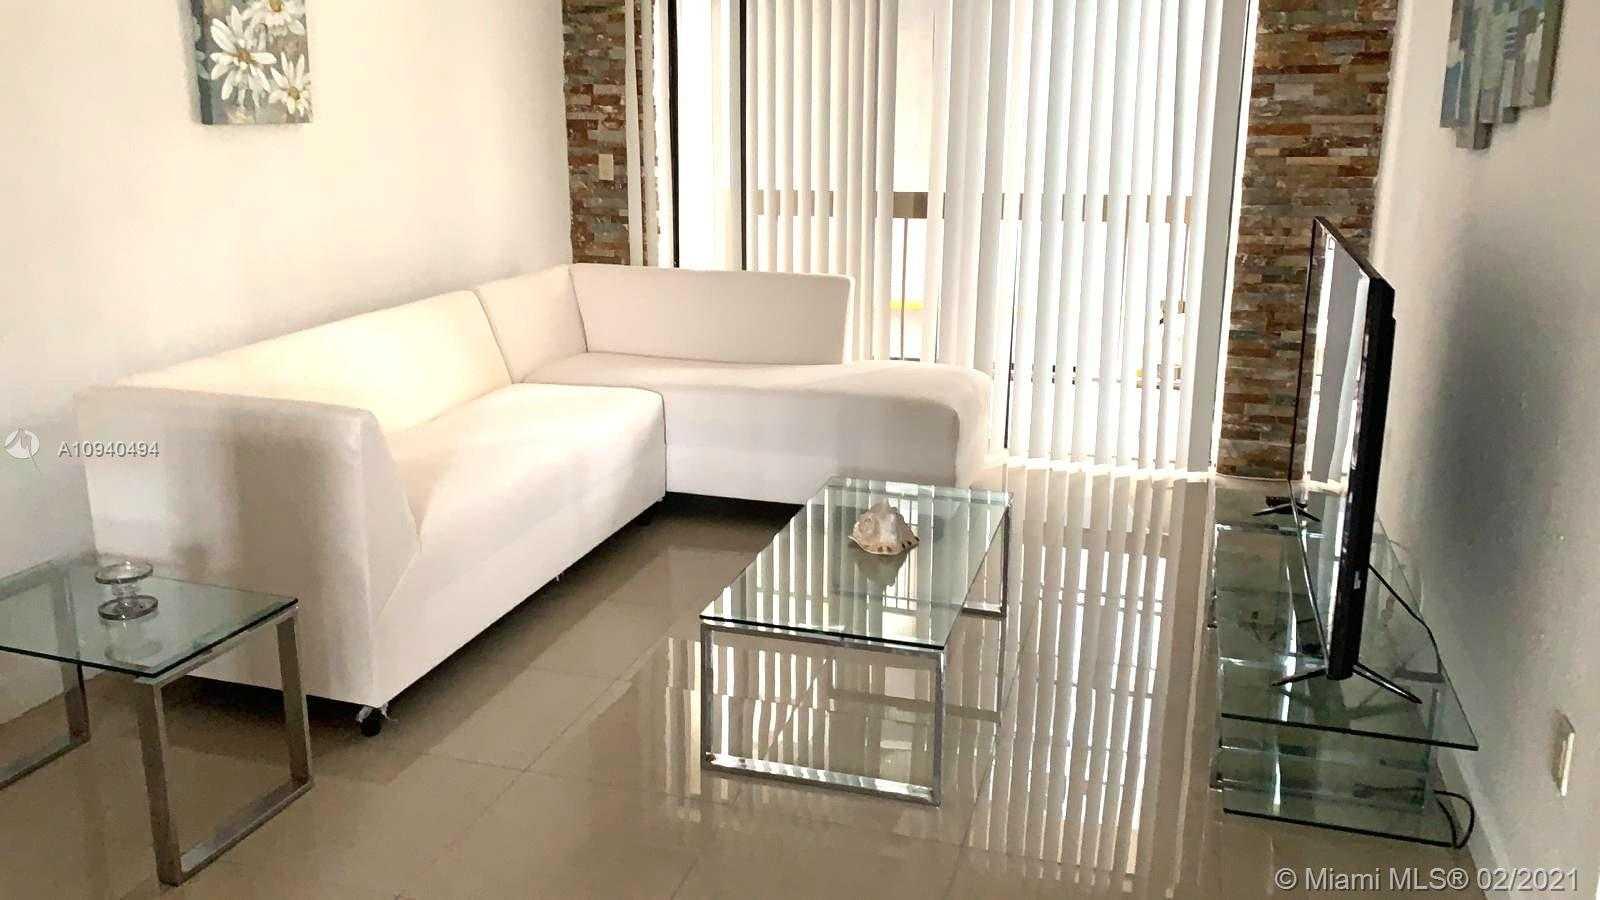 $239,000 - 1Br/1Ba -  for Sale in West Oaks Condo, Miami Beach